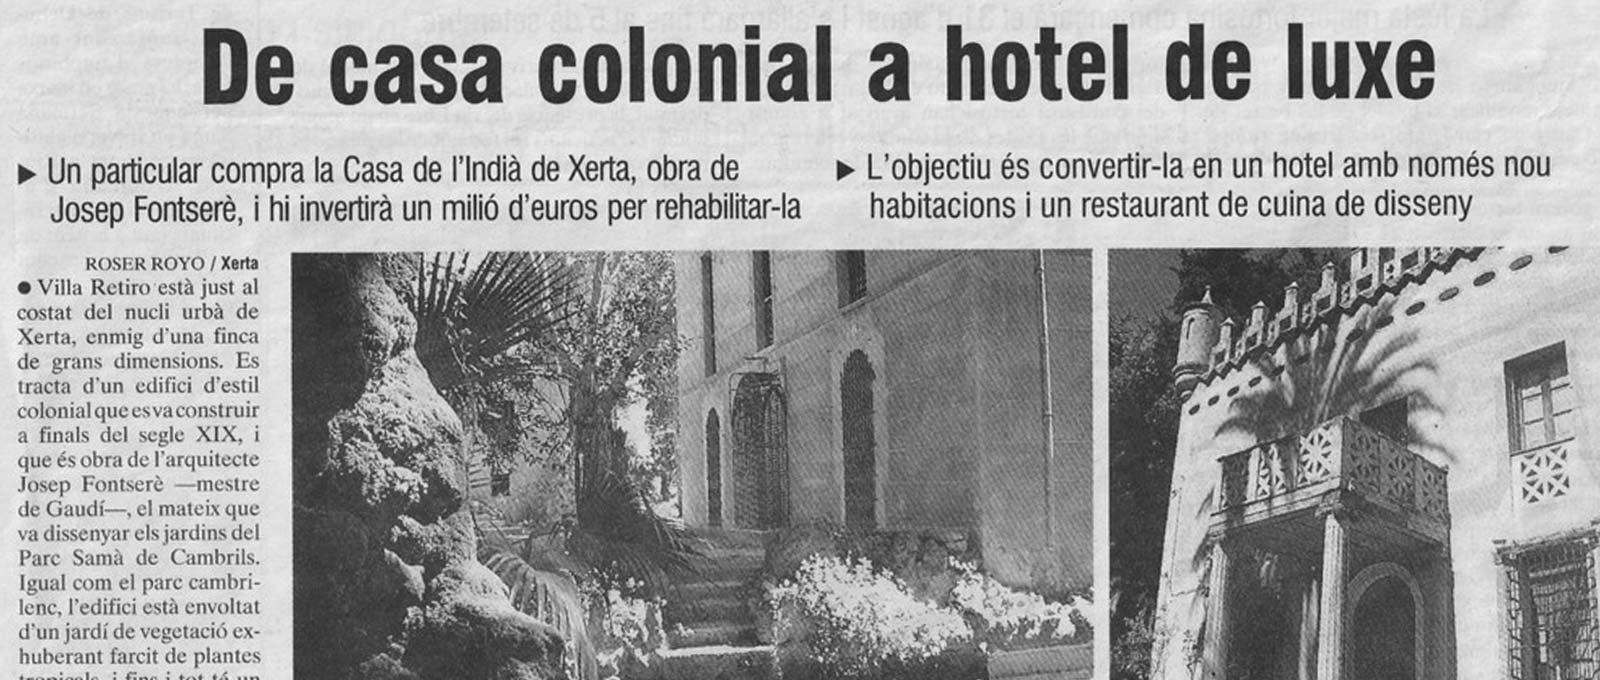 Hotel Villa Retiro de casa colonial a hotel de lujo